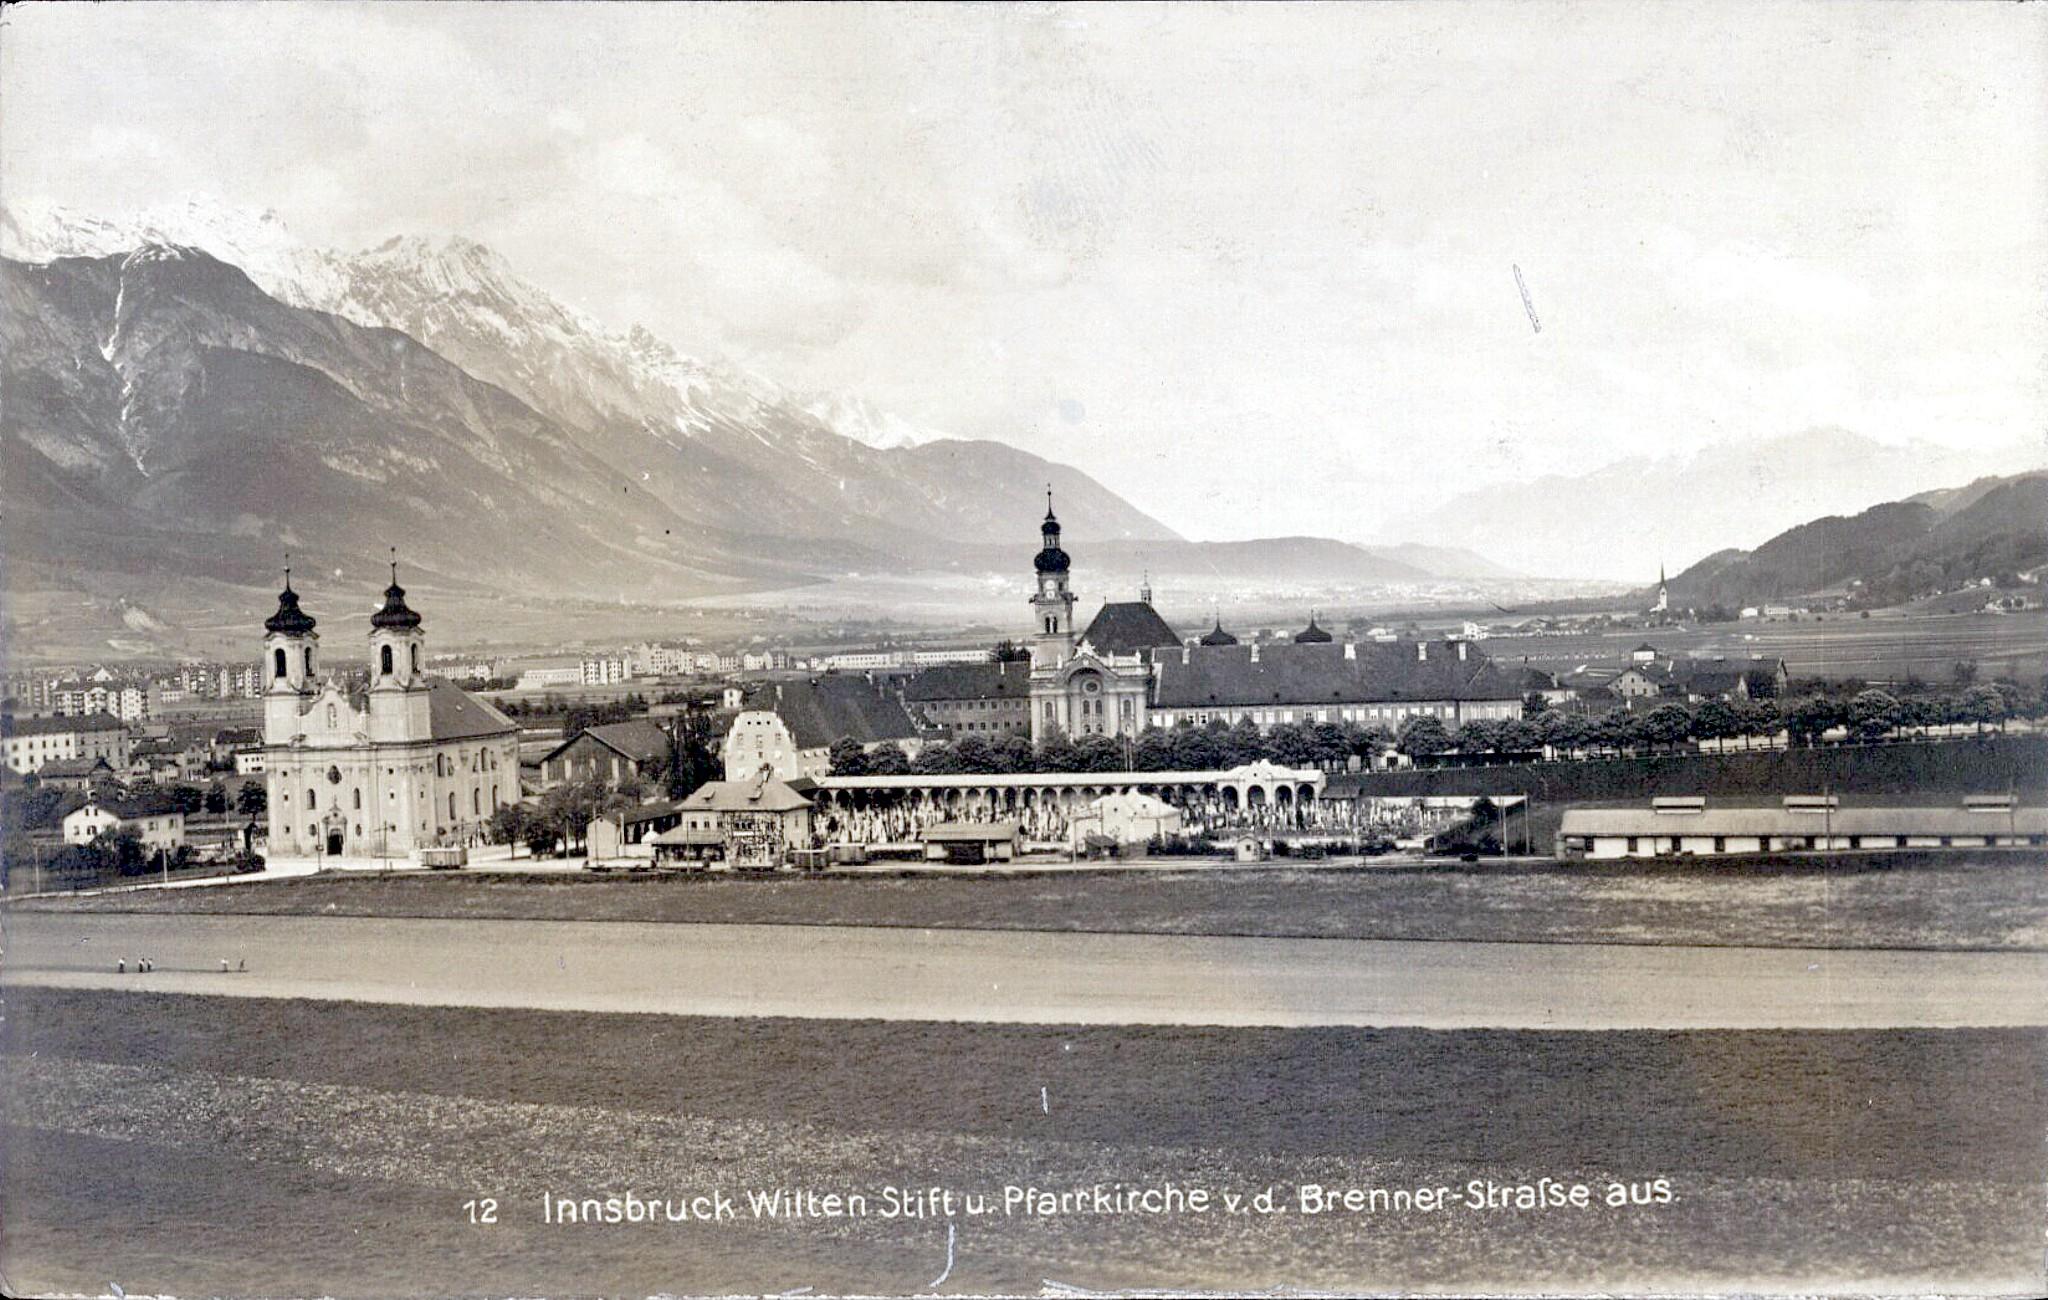 Innsbruck 1918, Wilten